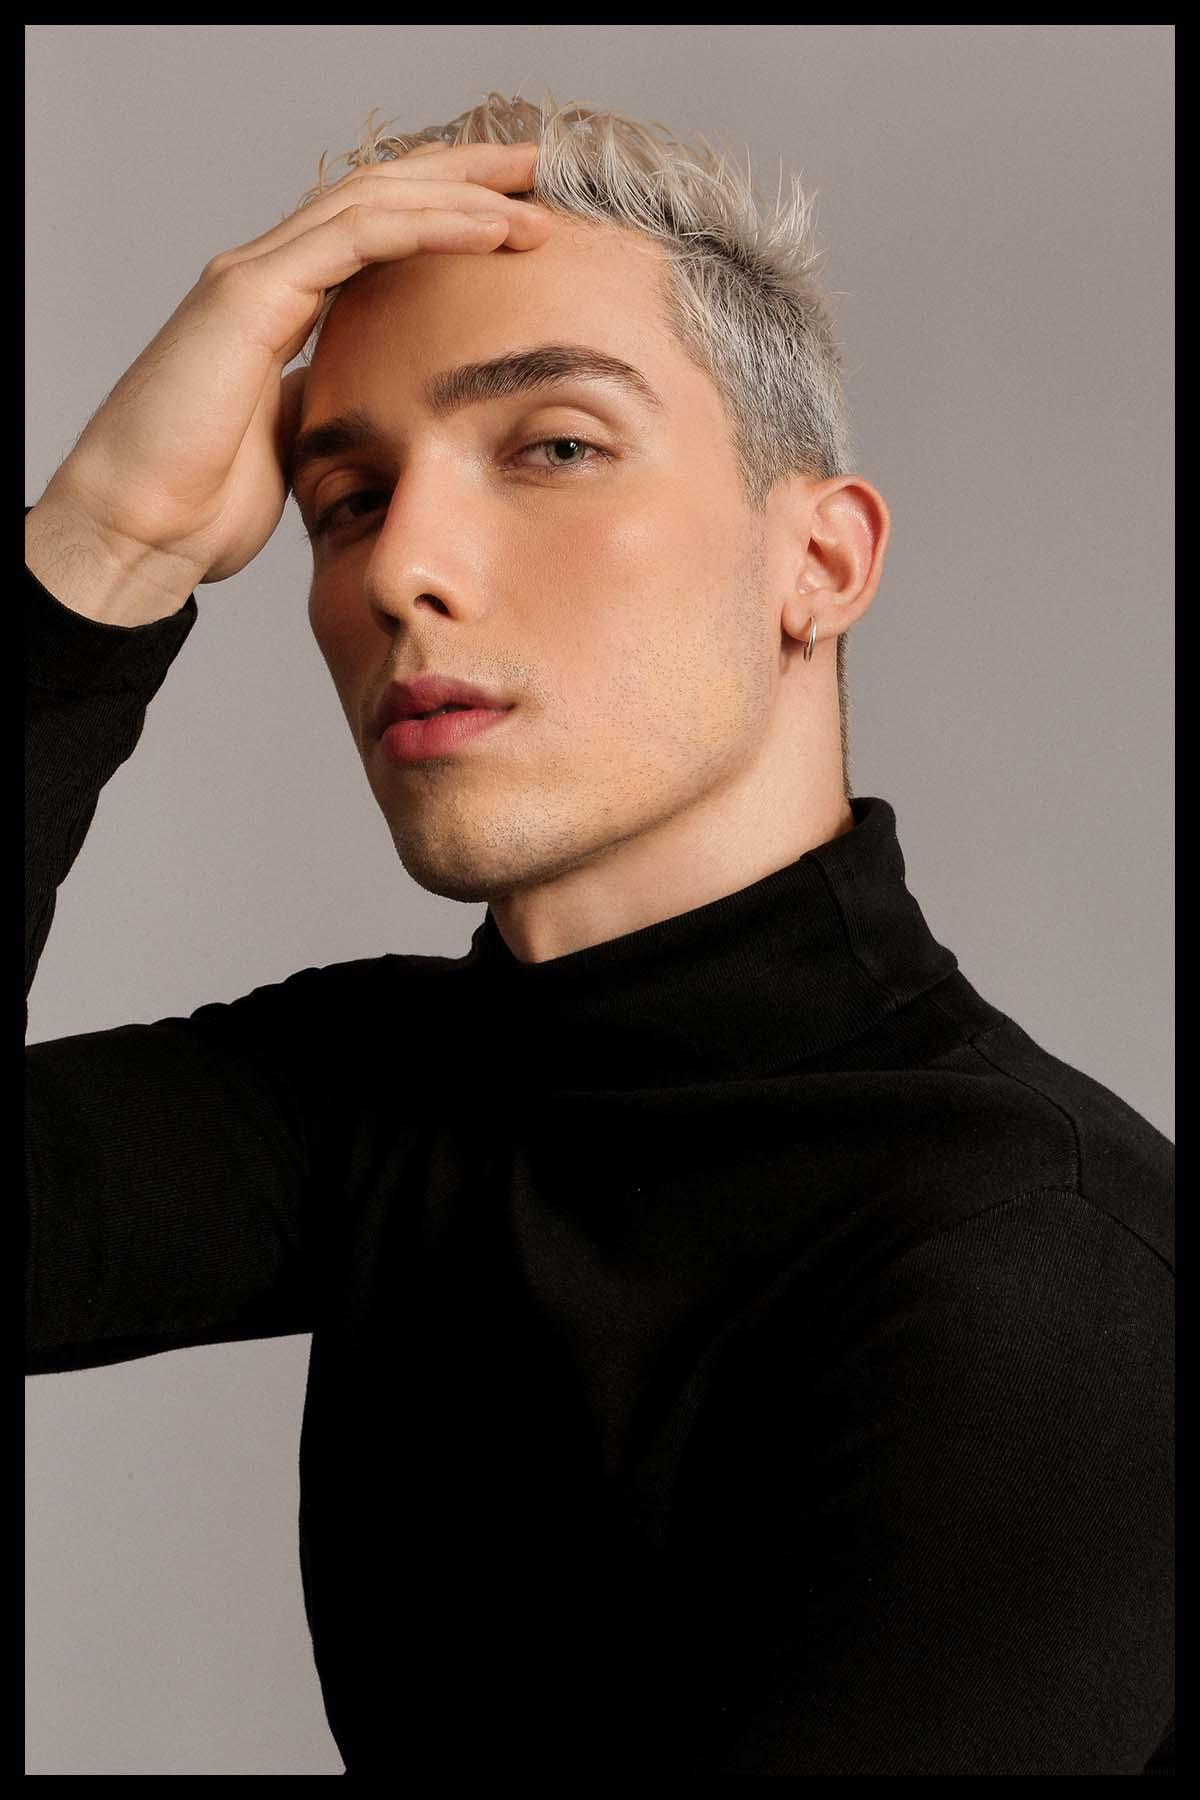 João Razzo by Bruno Barreto for Brazilian Male Model